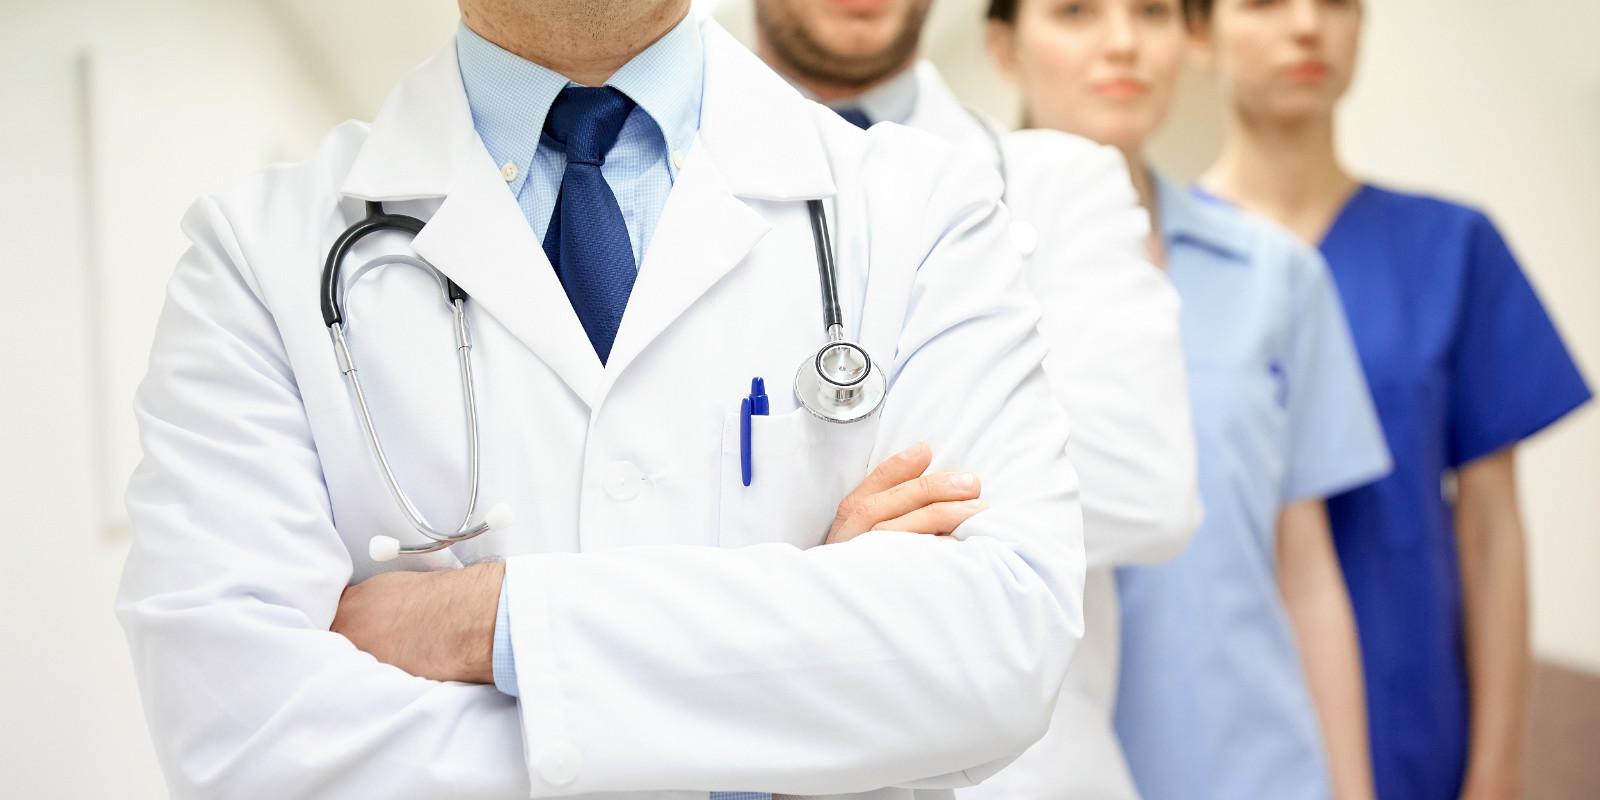 狐观医改   苹果、亚马逊接连开诊所,服务员工还是另有目的?